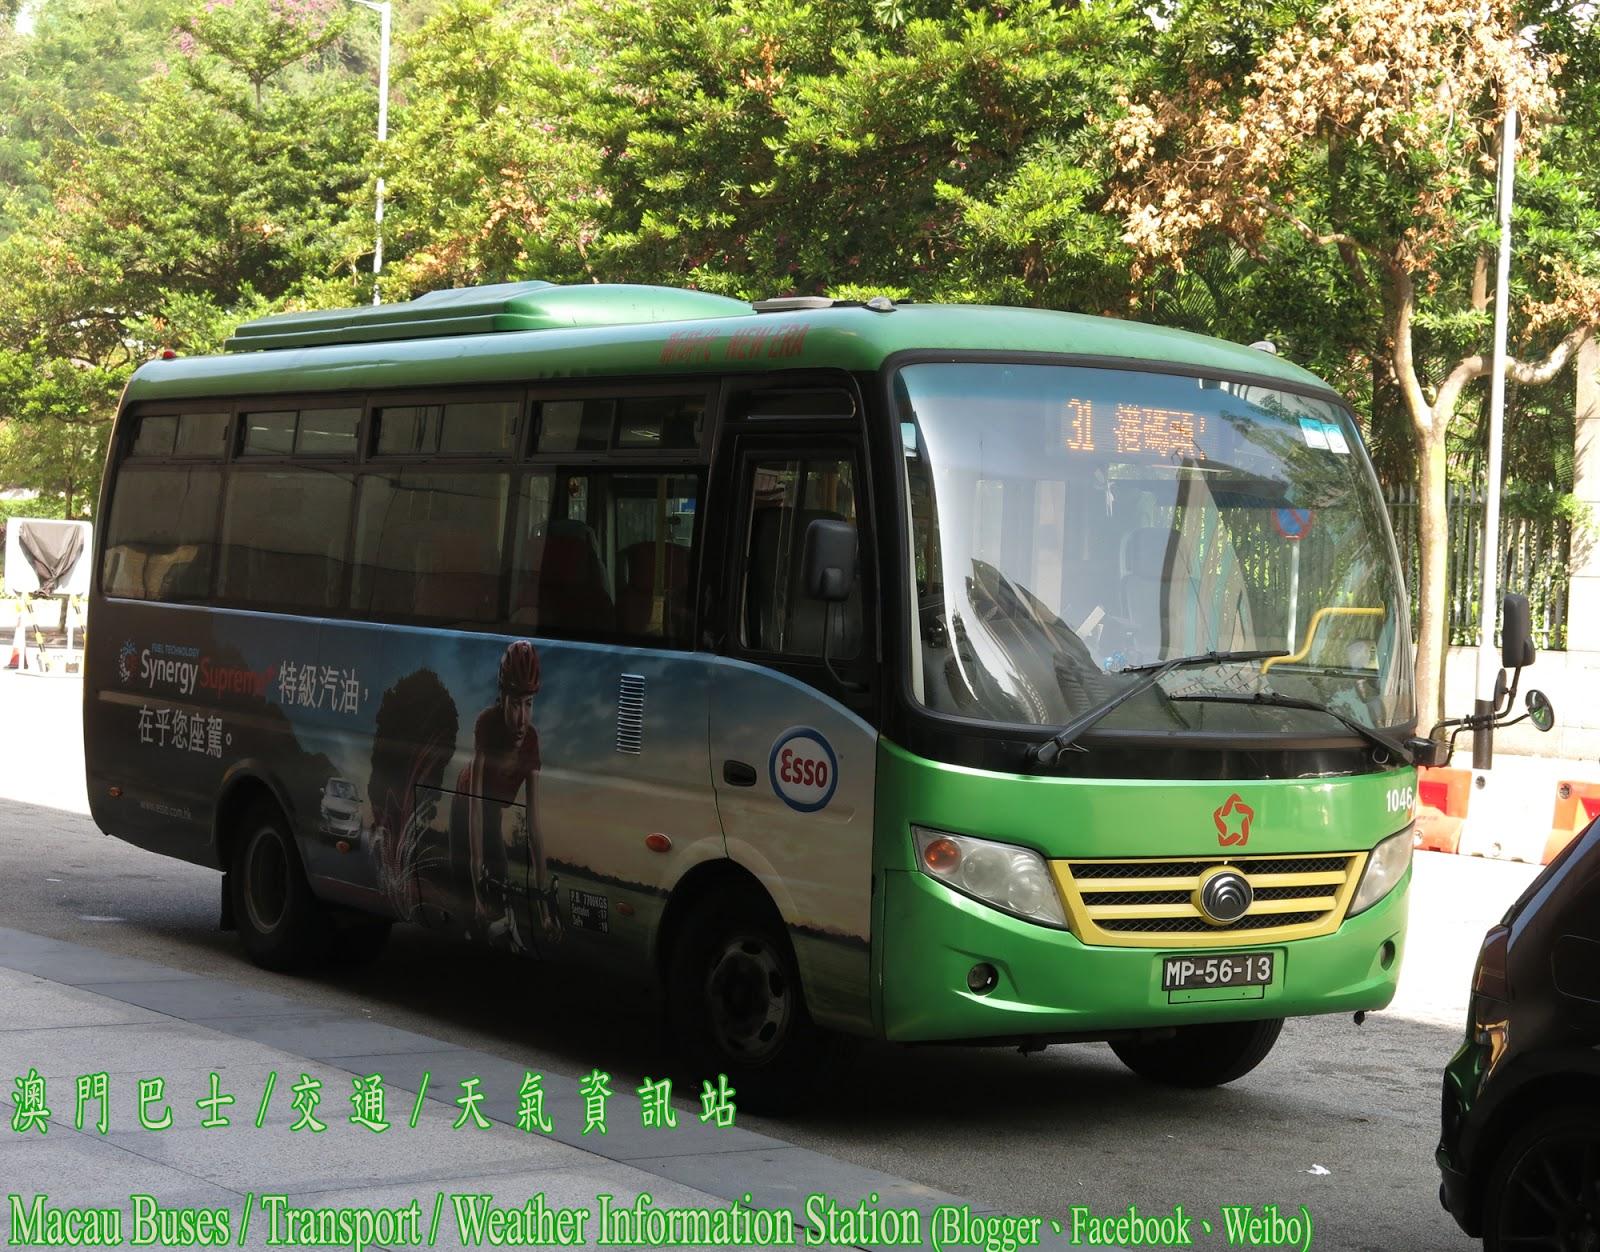 澳 門 巴 士 / 交 通 / 天 氣 資 訊 站 Macau Buses / Transport / Weather Information Station: 今年大賽車31路線只使用小巴及 ...